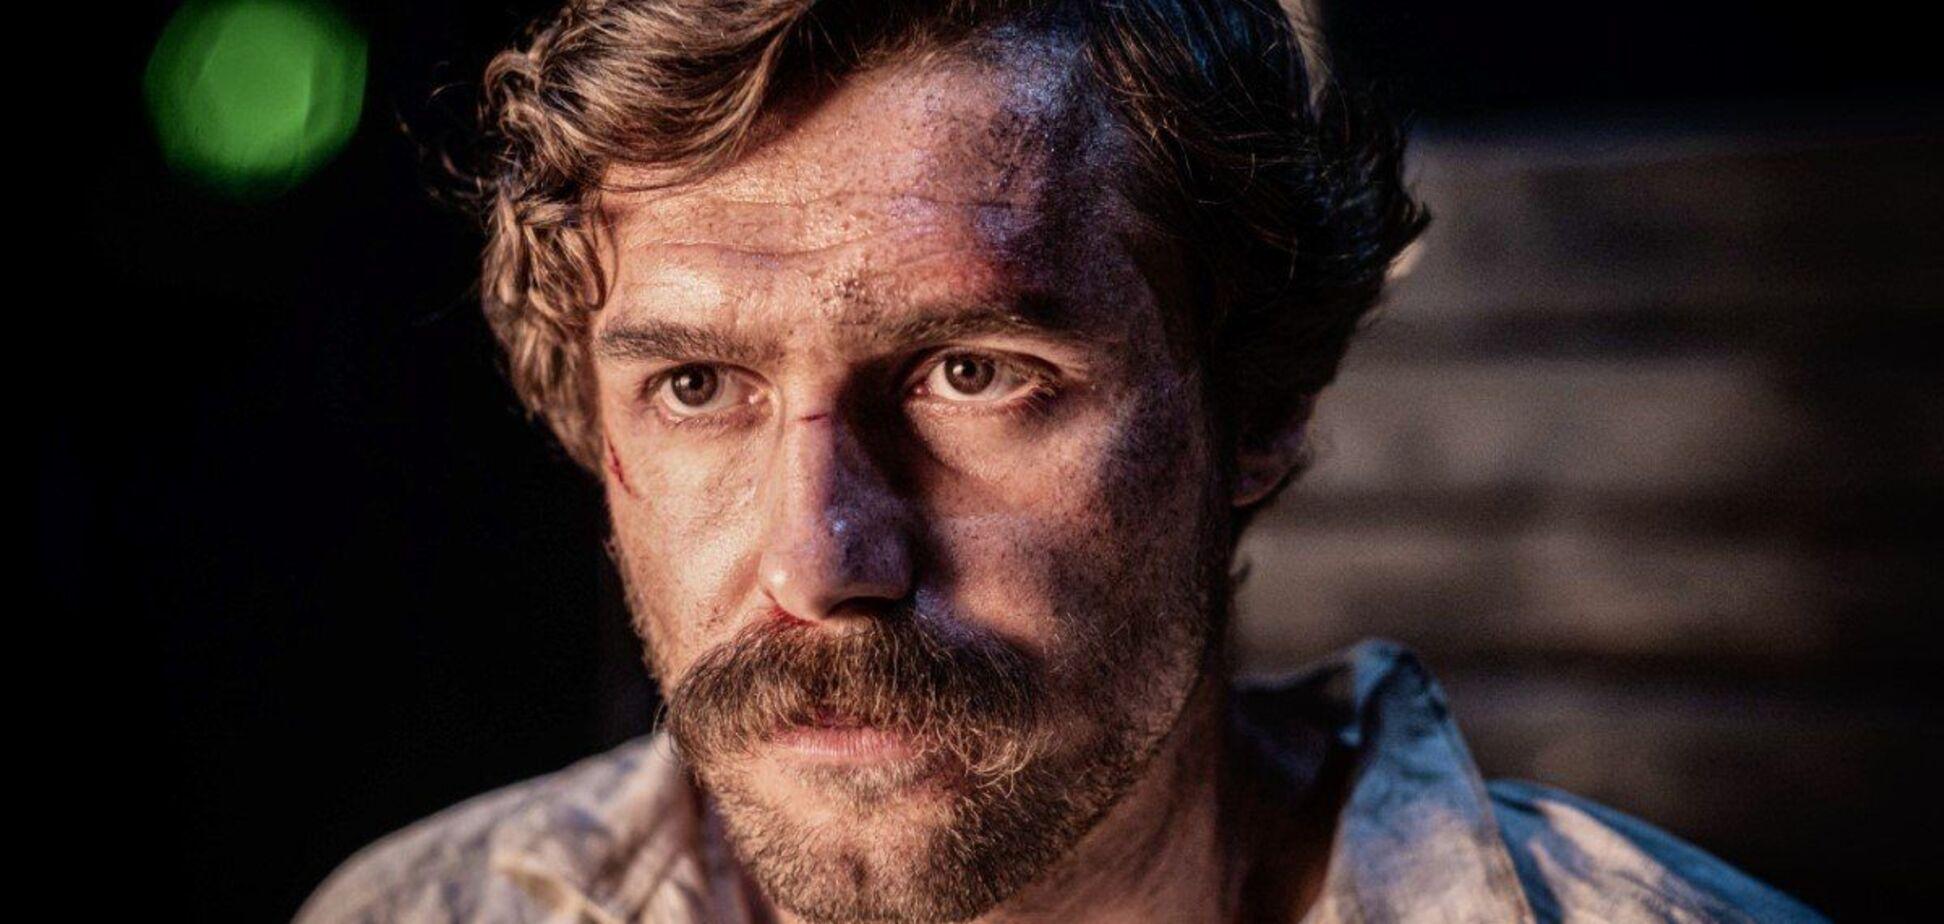 Тараса Шевченко показали самураем в первом трейлере 'Бесславные крепостные': в сети ажиотаж